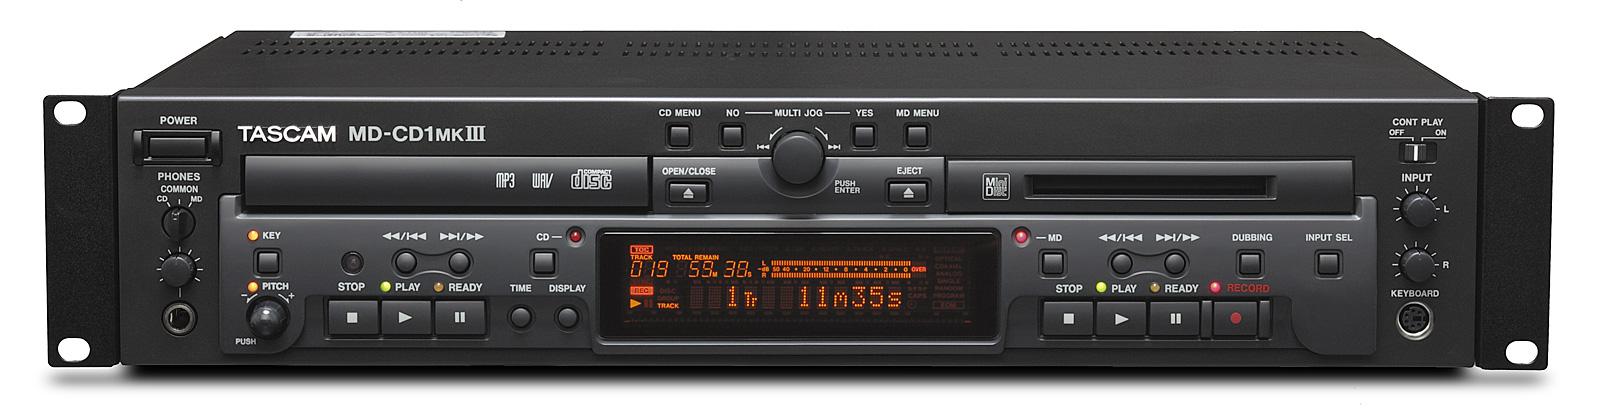 Tascam MD-CD1mk3 mini disk CD afspiller